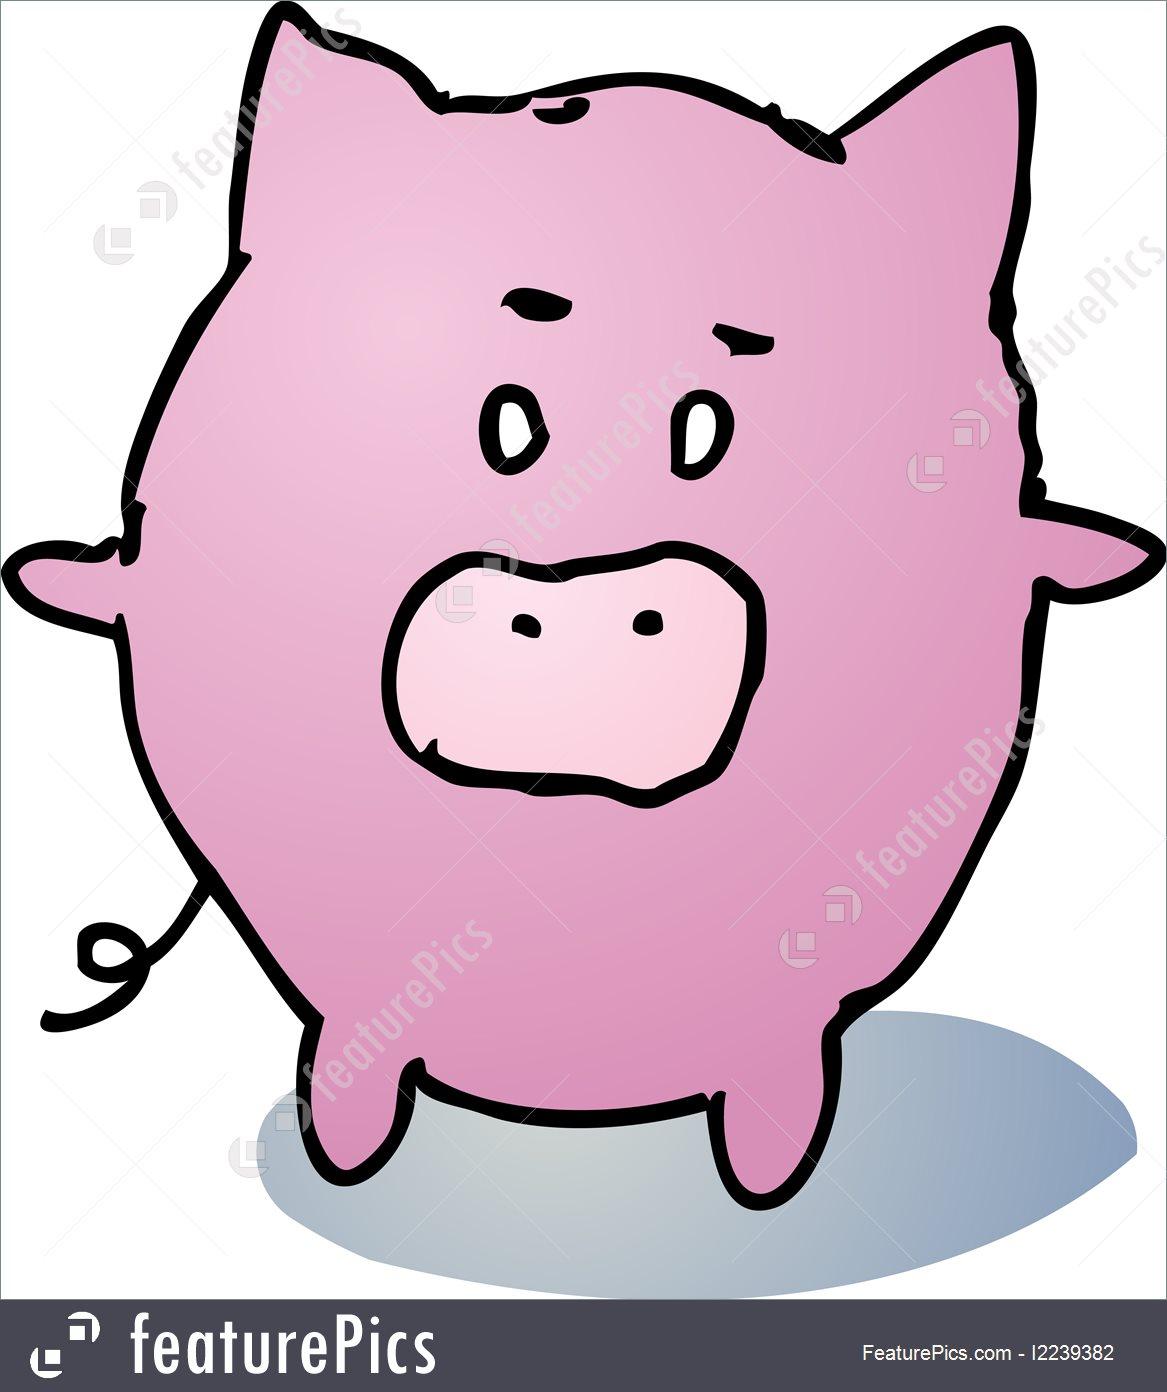 1167x1392 Fat Pig Cartoon Illustration